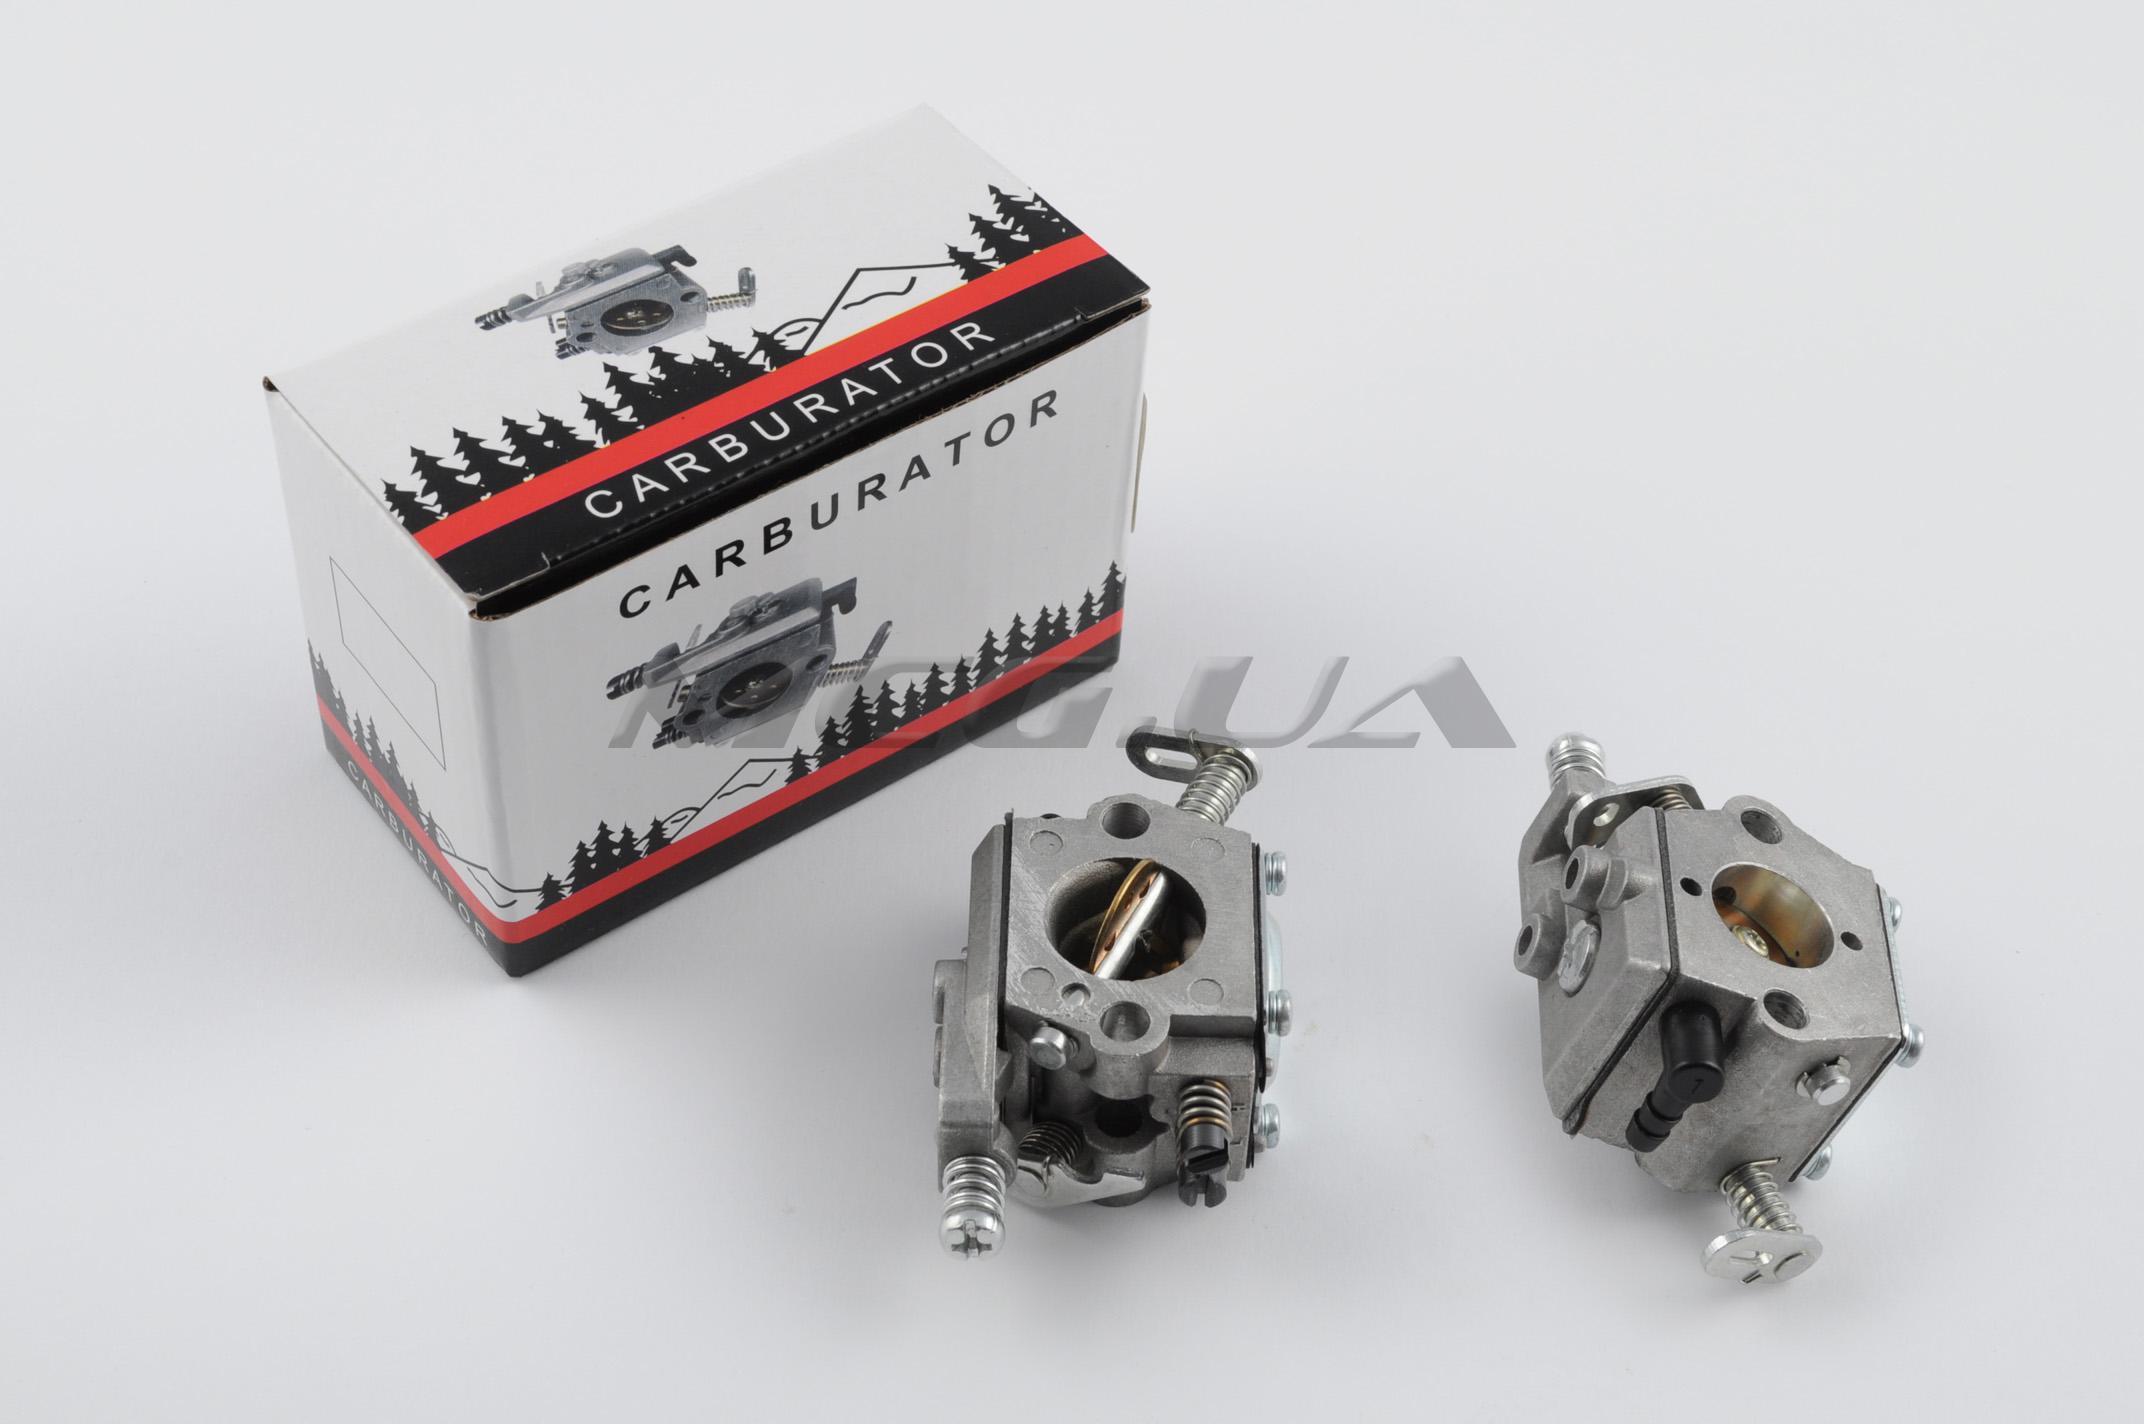 Ремкомплект карбюратора б/п для st m 660 xinlong